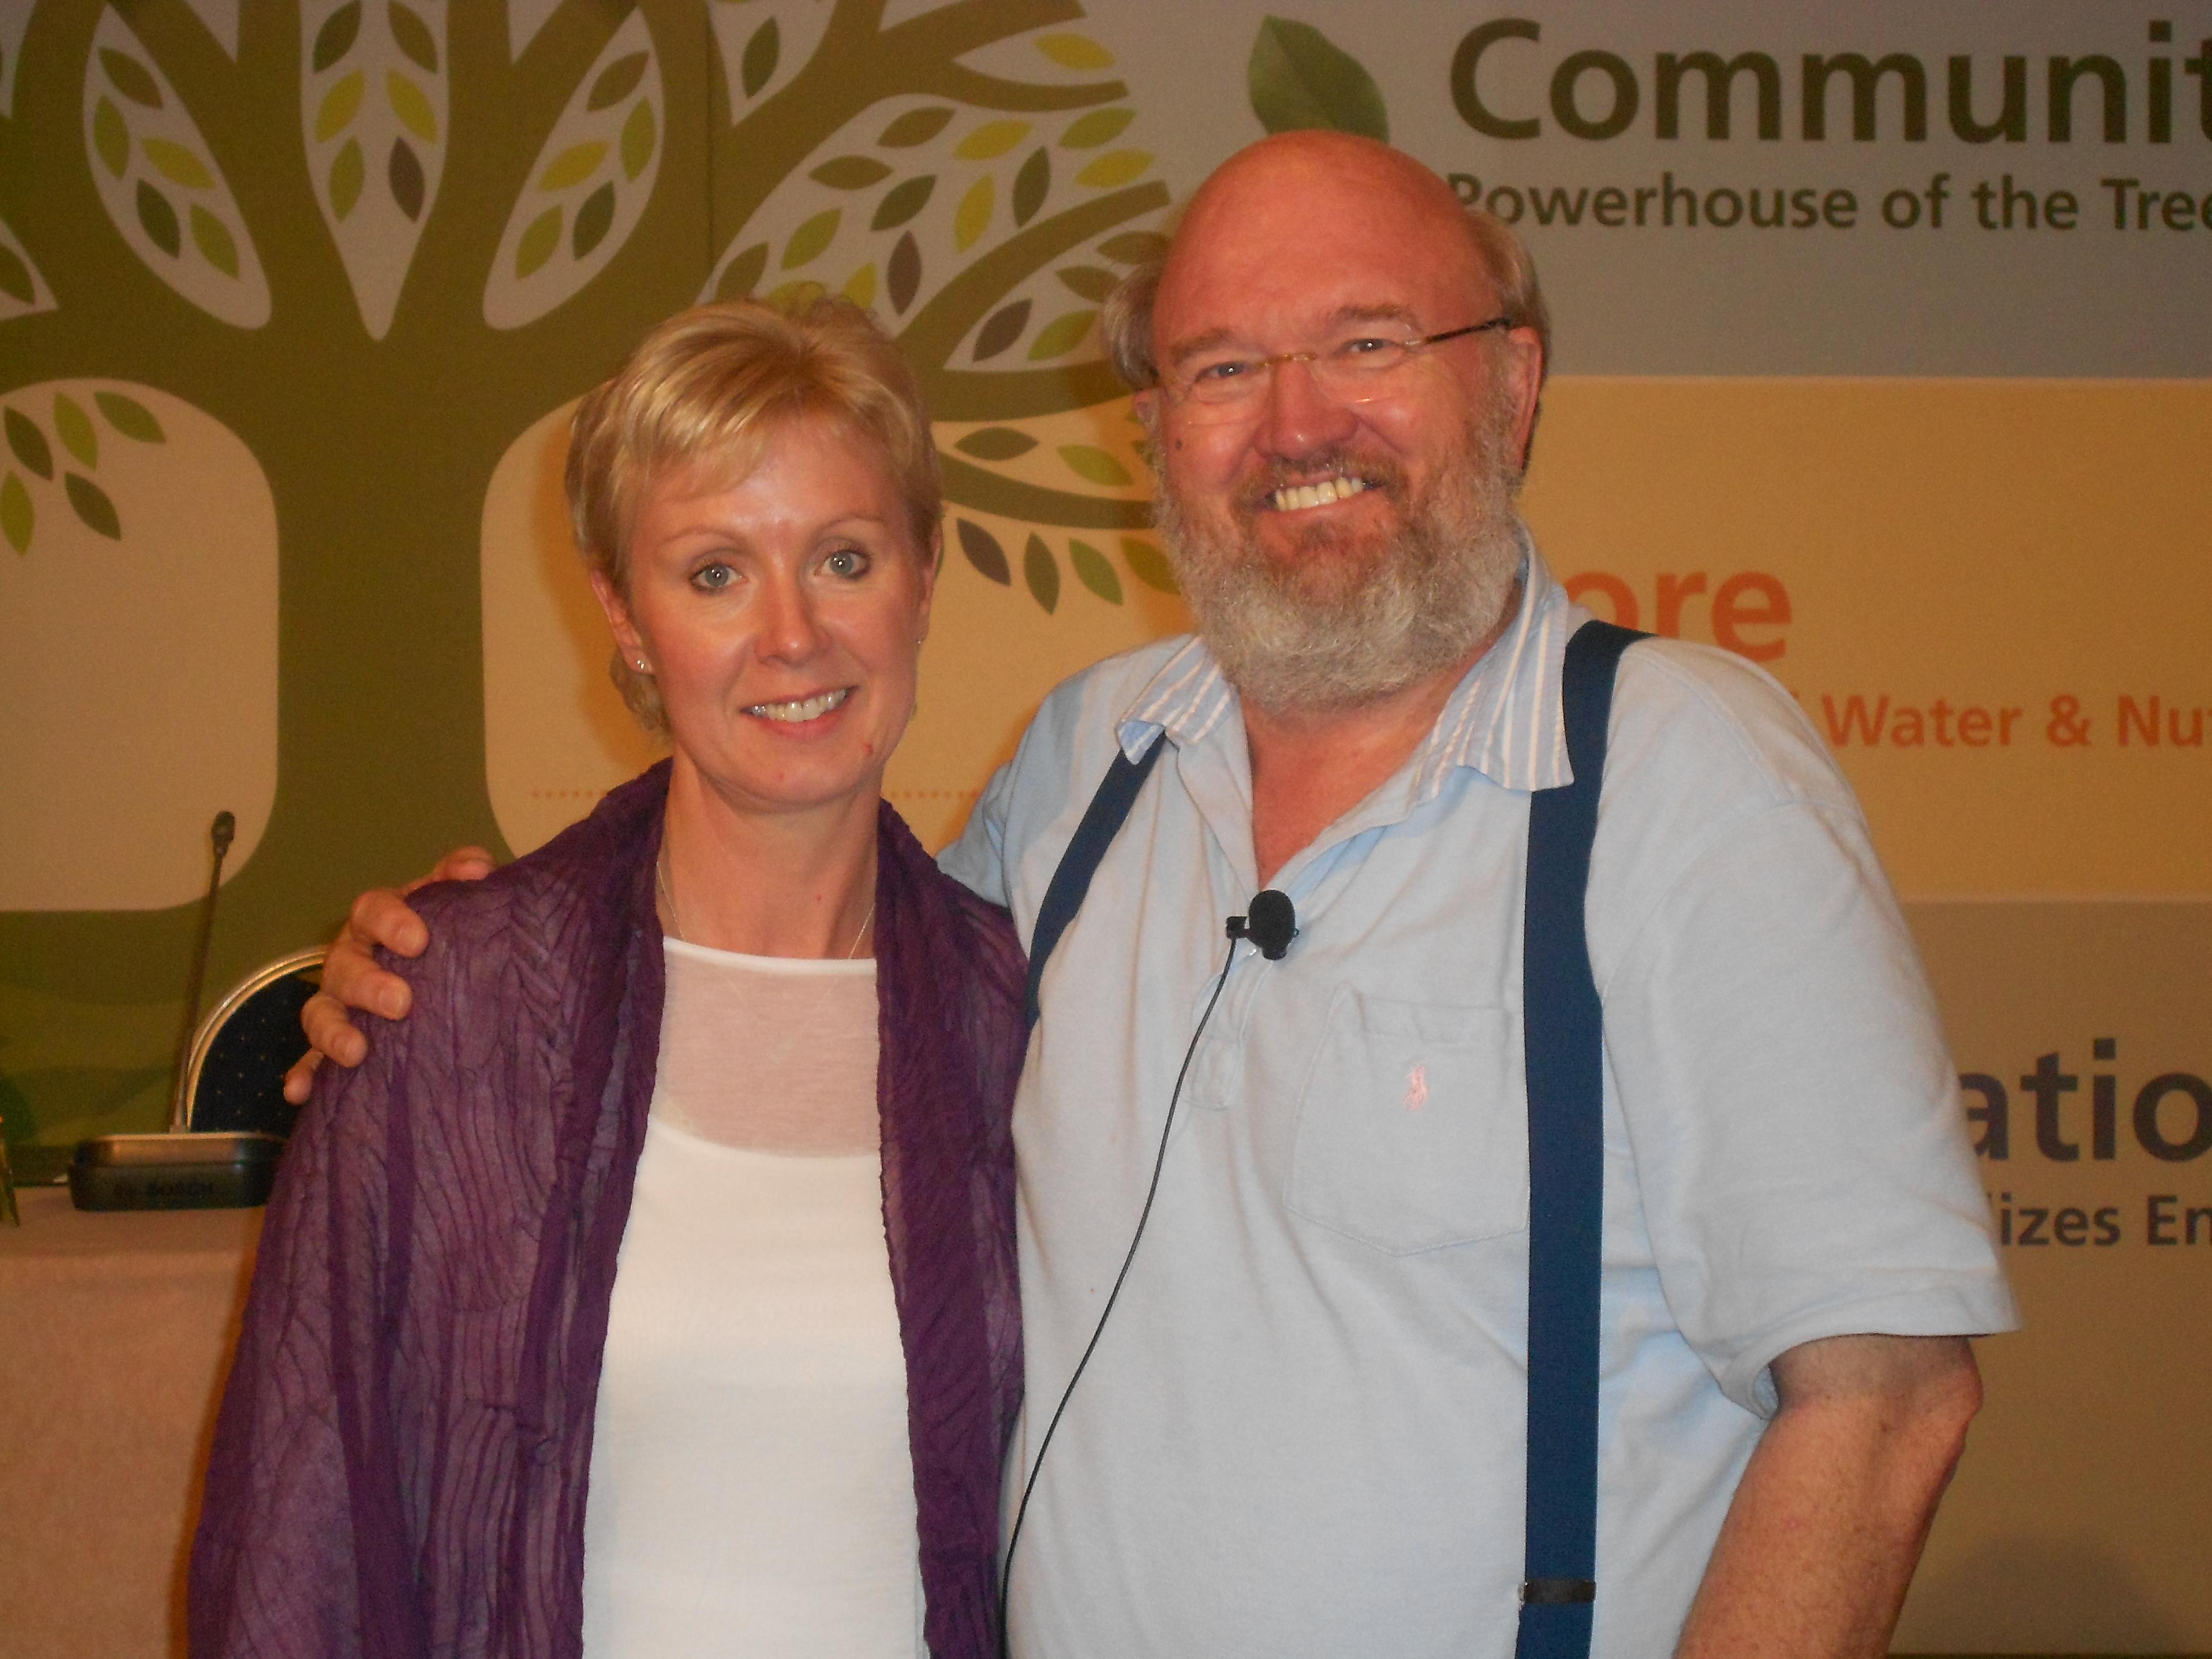 Dr. John Veltheim & Martina Fallon